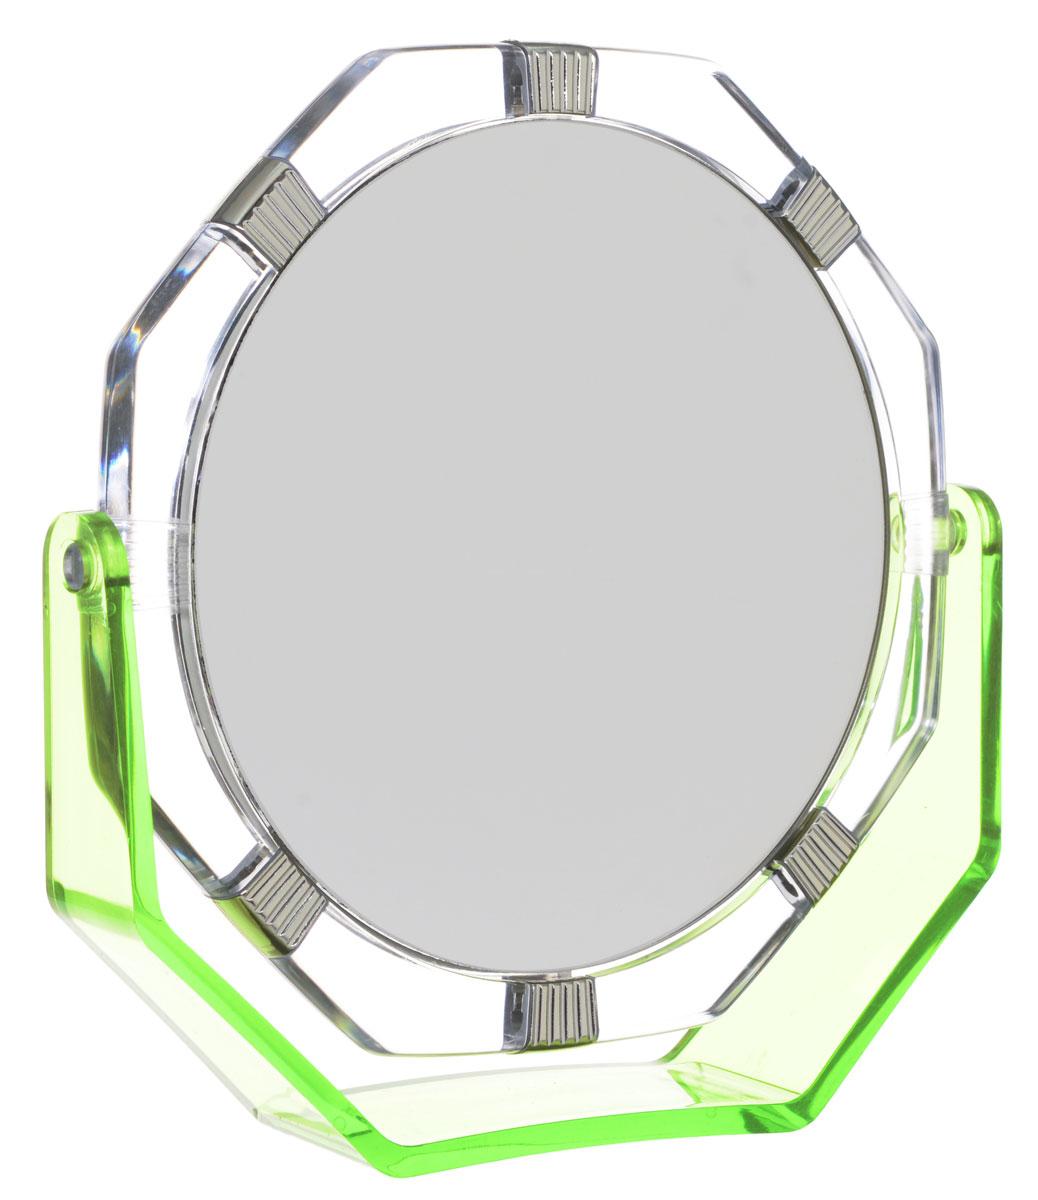 Зеркало Beiron 1138 настольное, двустороннее, d 17, 5см, x2530-1138_зеленыйЗеркало Beiron 1138 настольное, двустороннее, d 17, 5см, x2